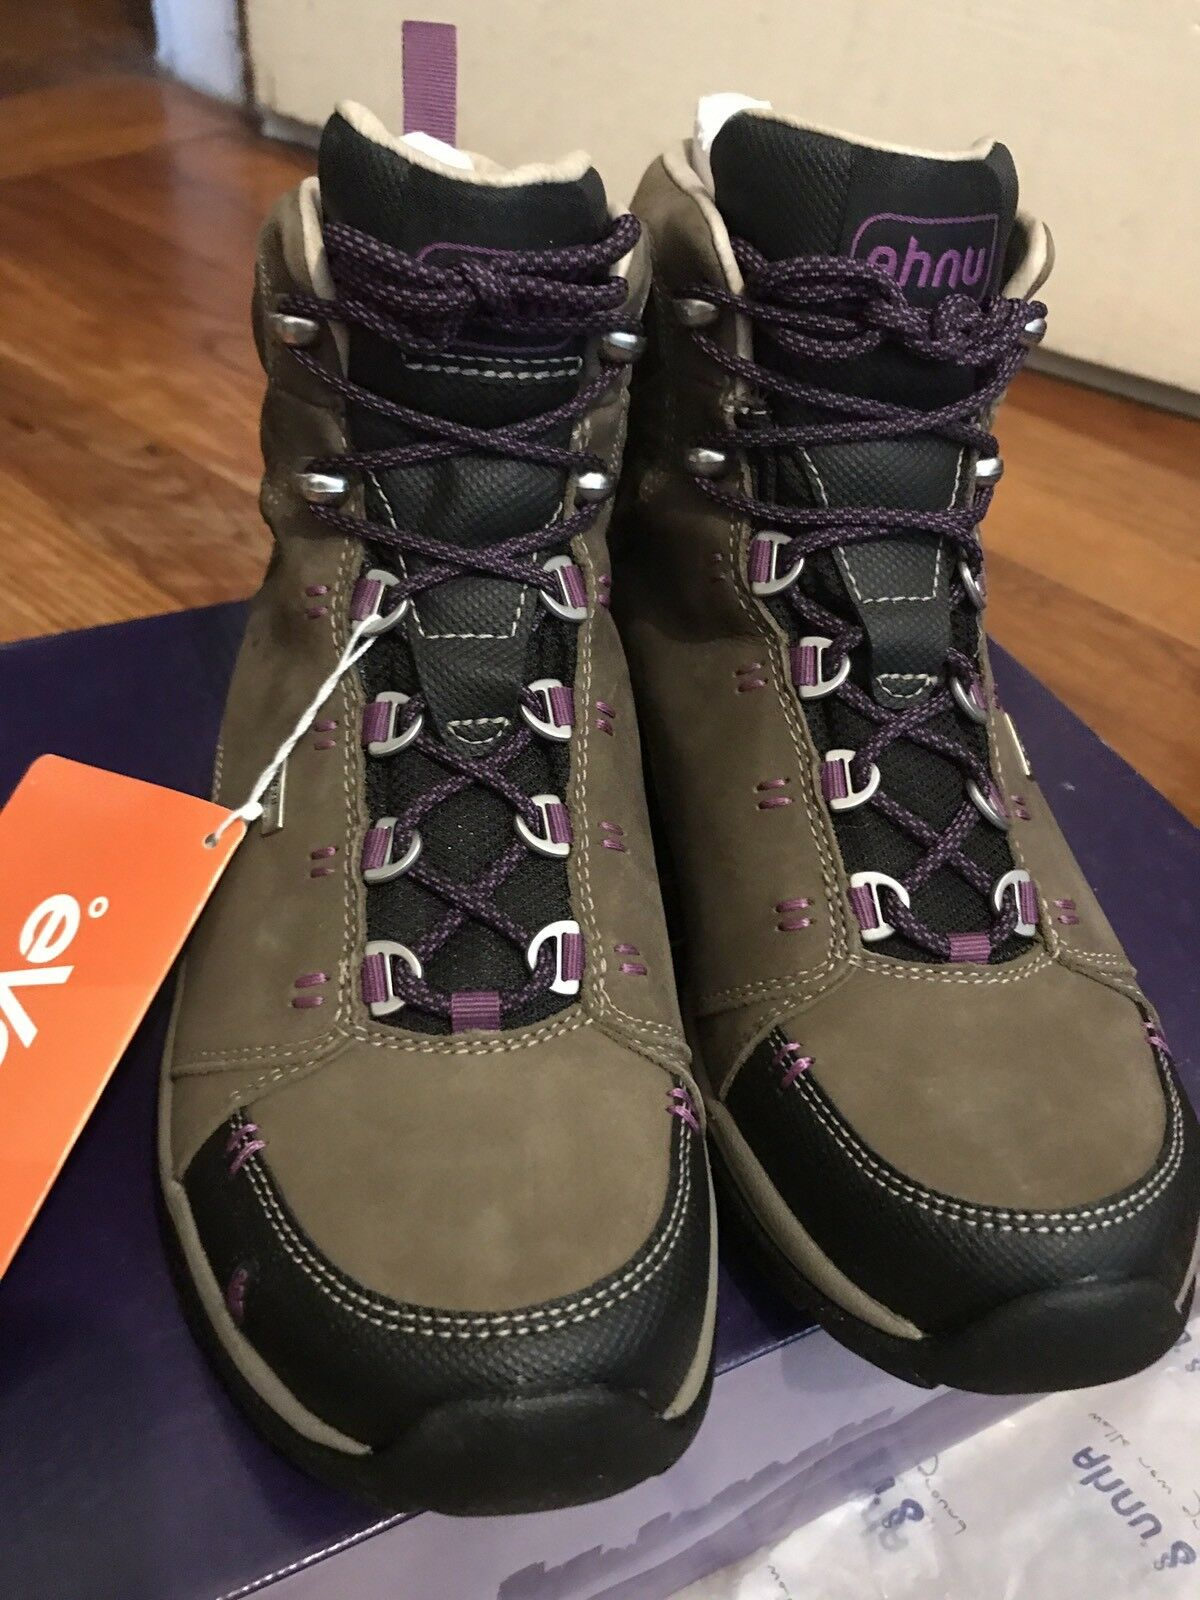 Nuevas botas para excursionismo Ahnu montara Impermeable 6.5 (EE. UU.)